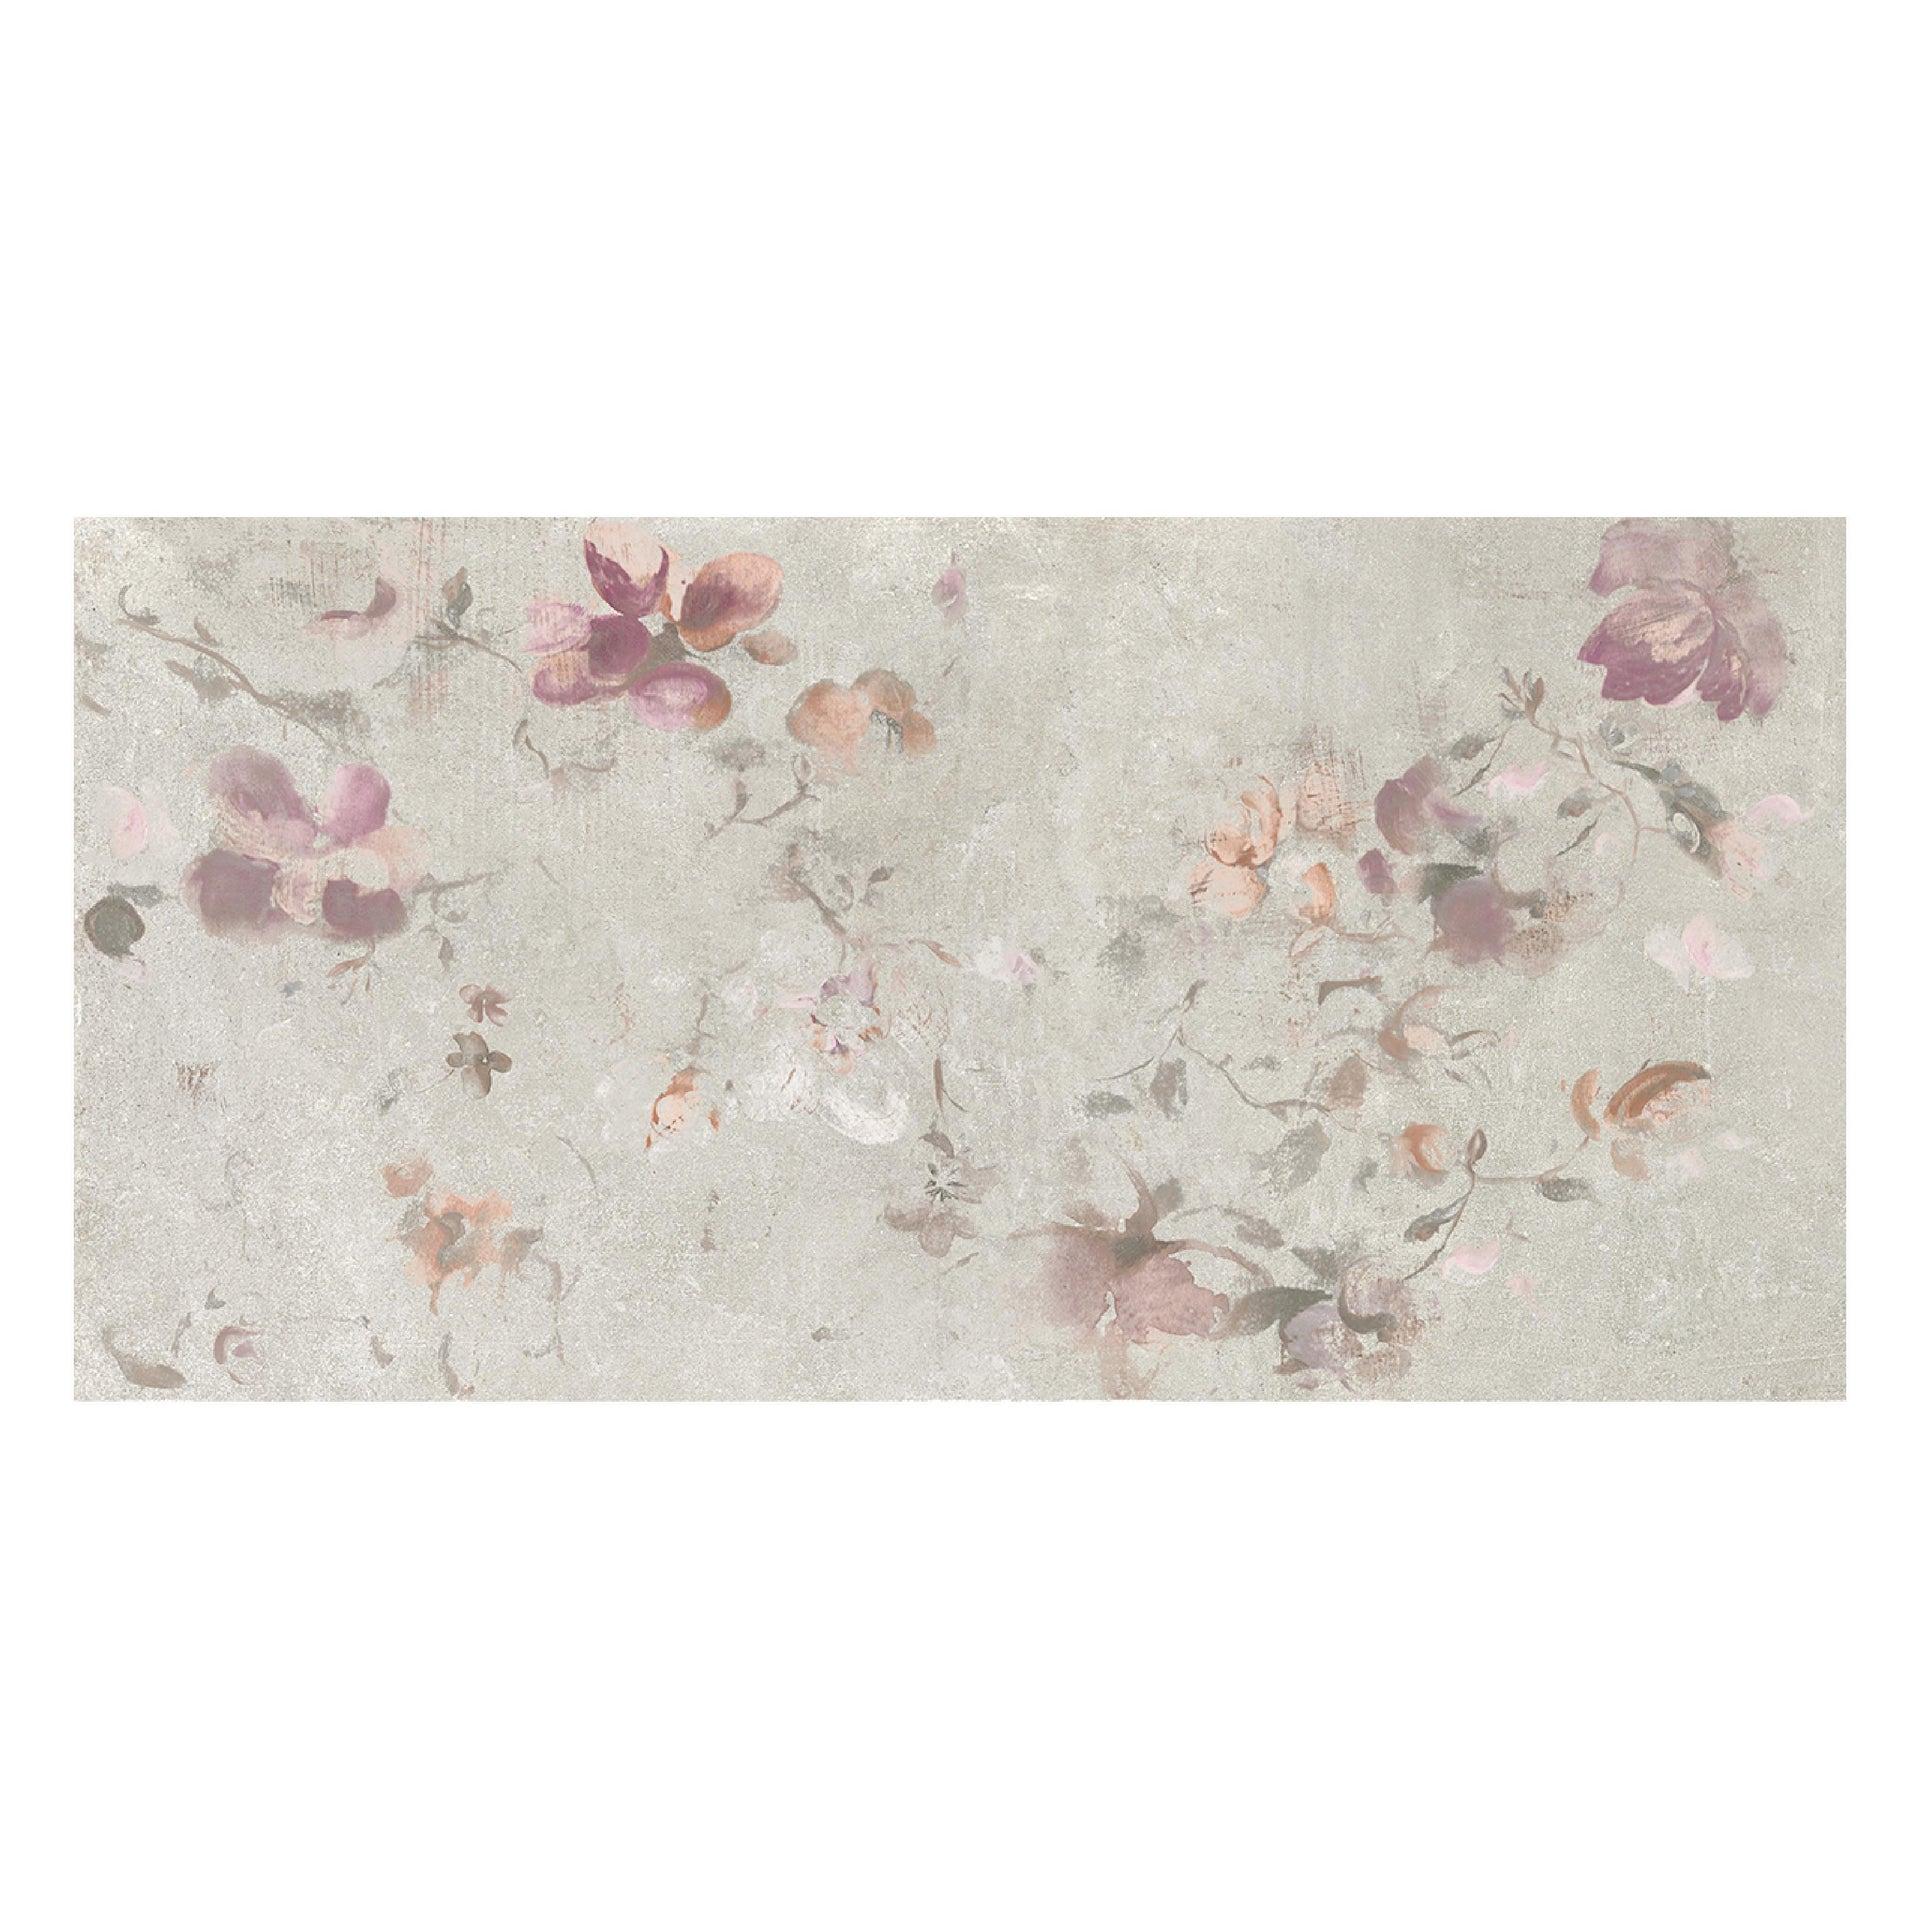 Piastrella City Grey Decoro Flower 60 x 120 cm sp. 9.5 mm PEI 4/5 grigio - 4